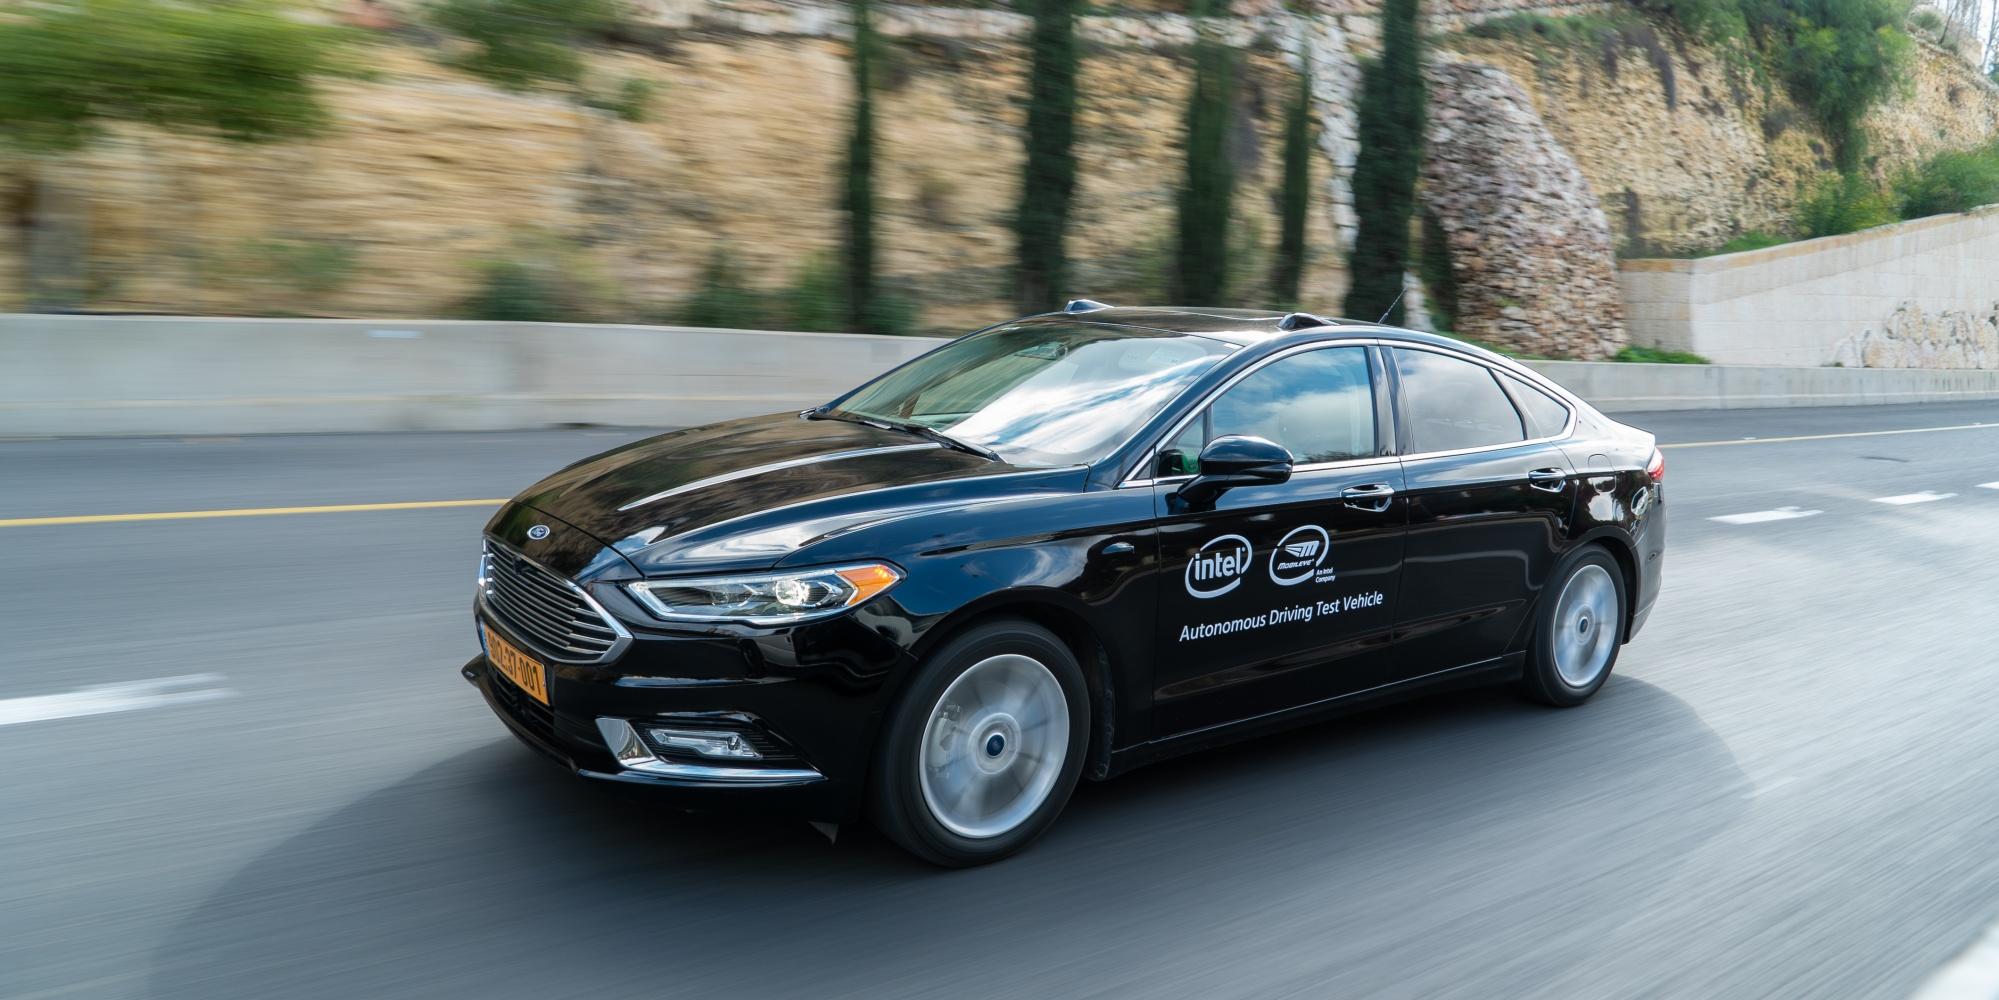 Intel pochwalił się samochodem autonomicznym. Wystarczą mu tylko kamery